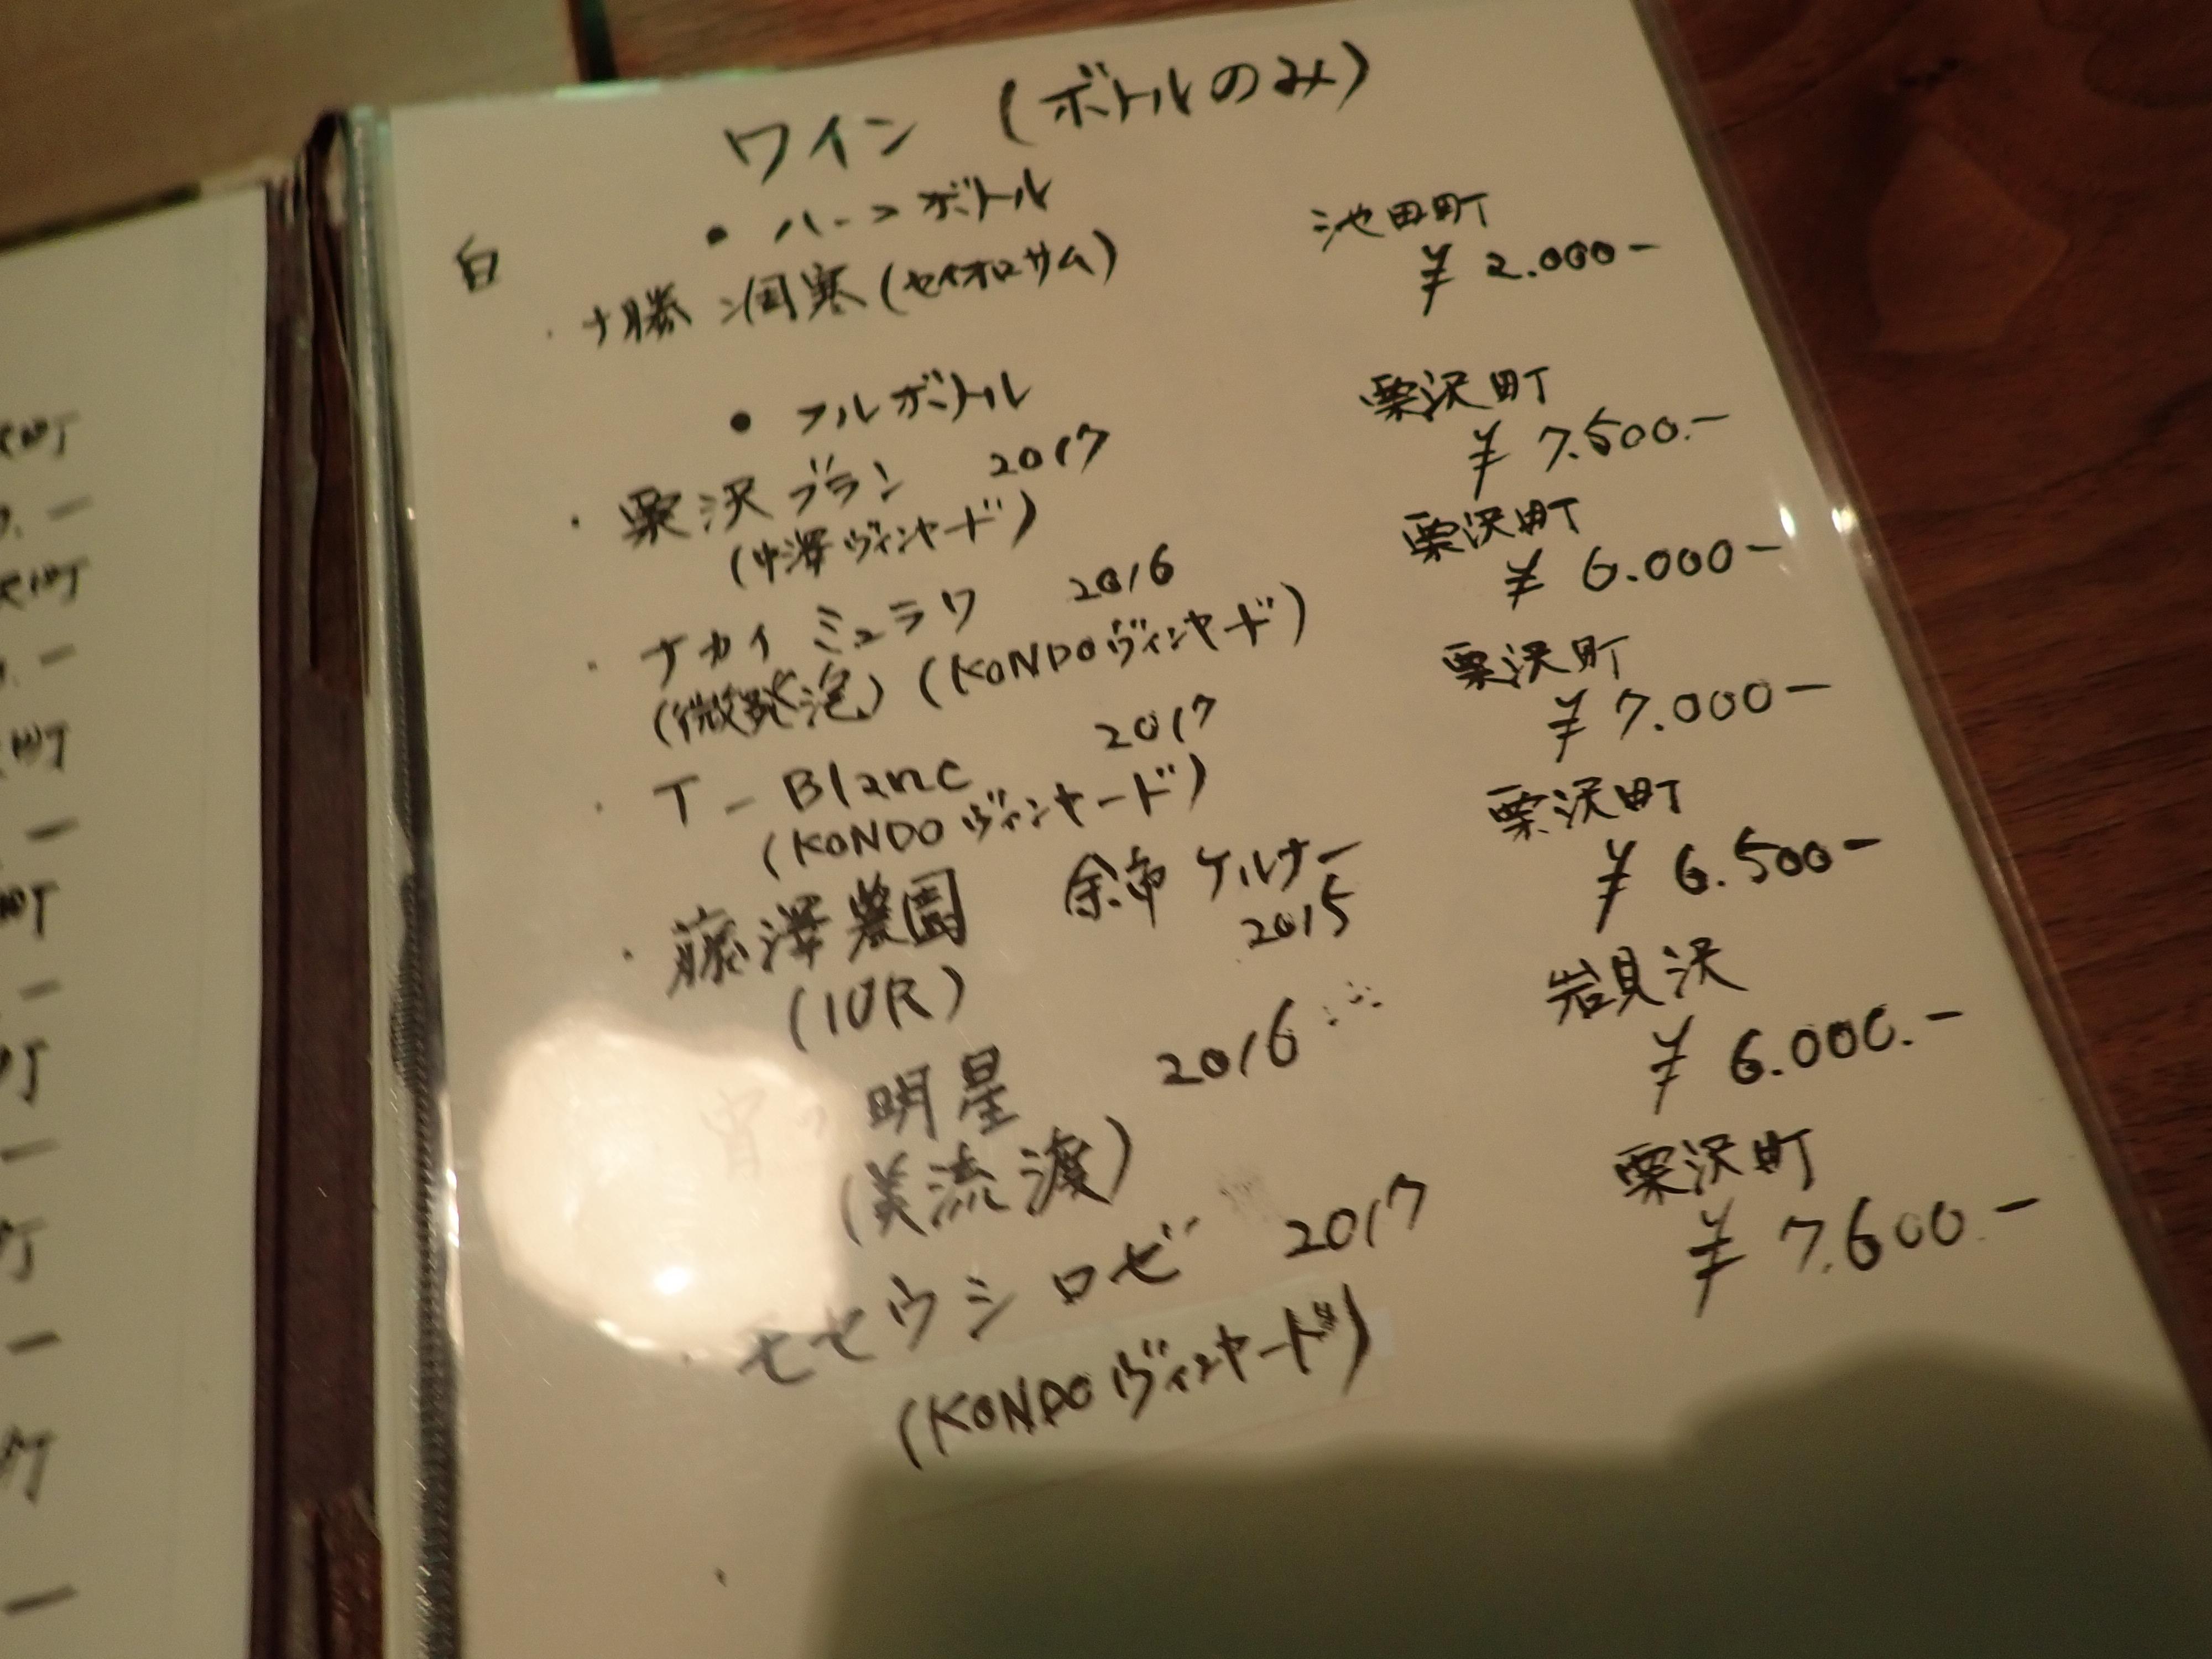 北海道栗山の味道小路(あじどころ)